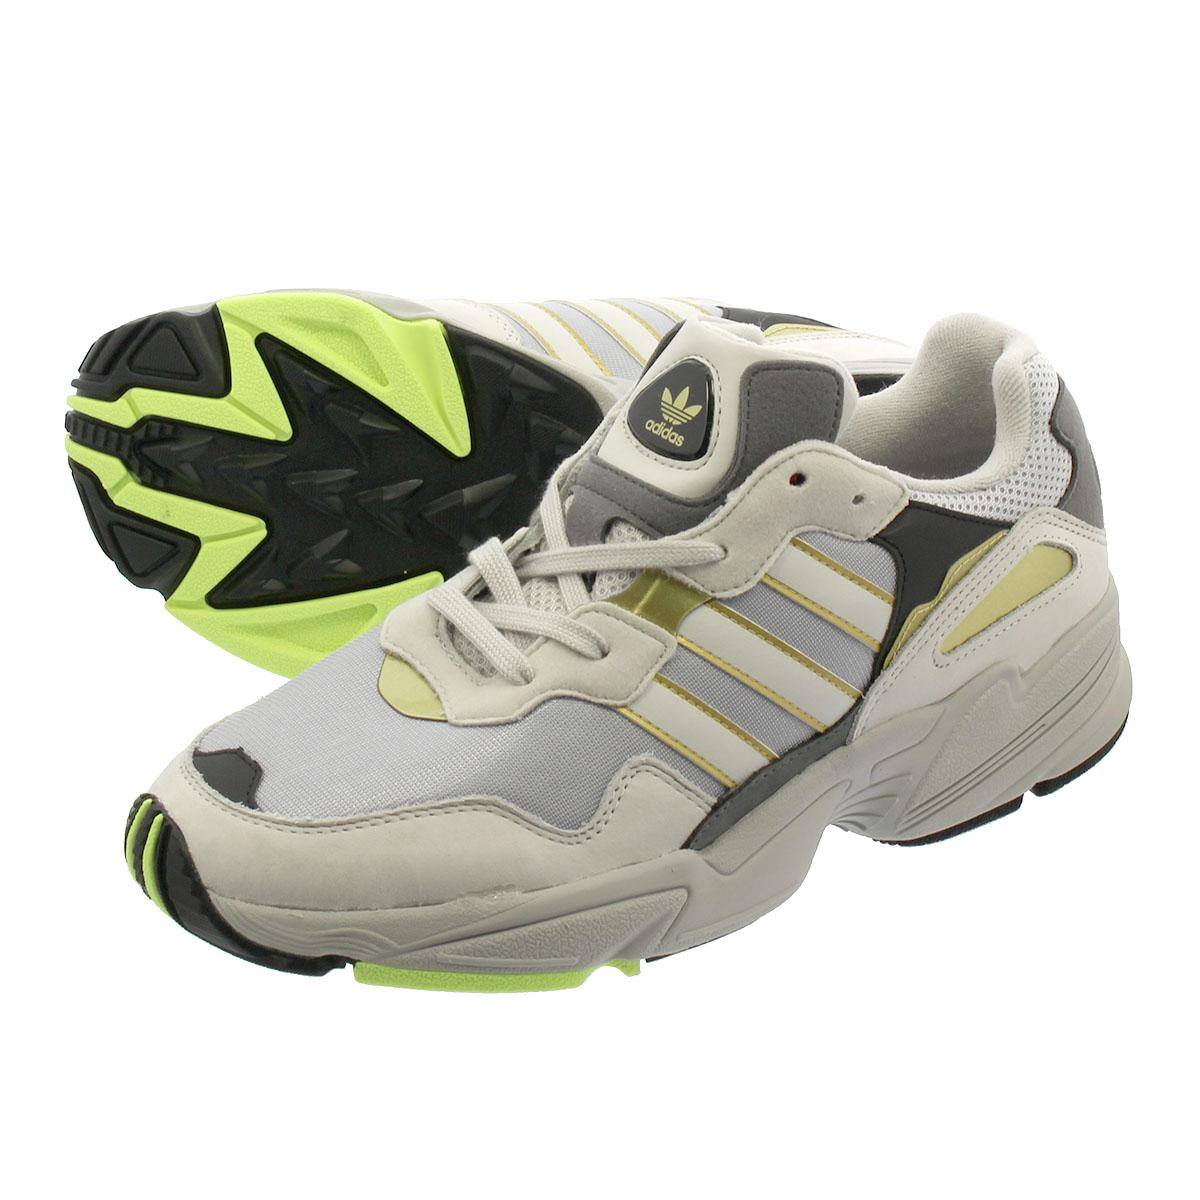 【4月11日(木)発売】 adidas YUNG-96 【adidas Originals】 アディダス ヤング 96 SILVER MET/GRAY/GOLD MET db3565